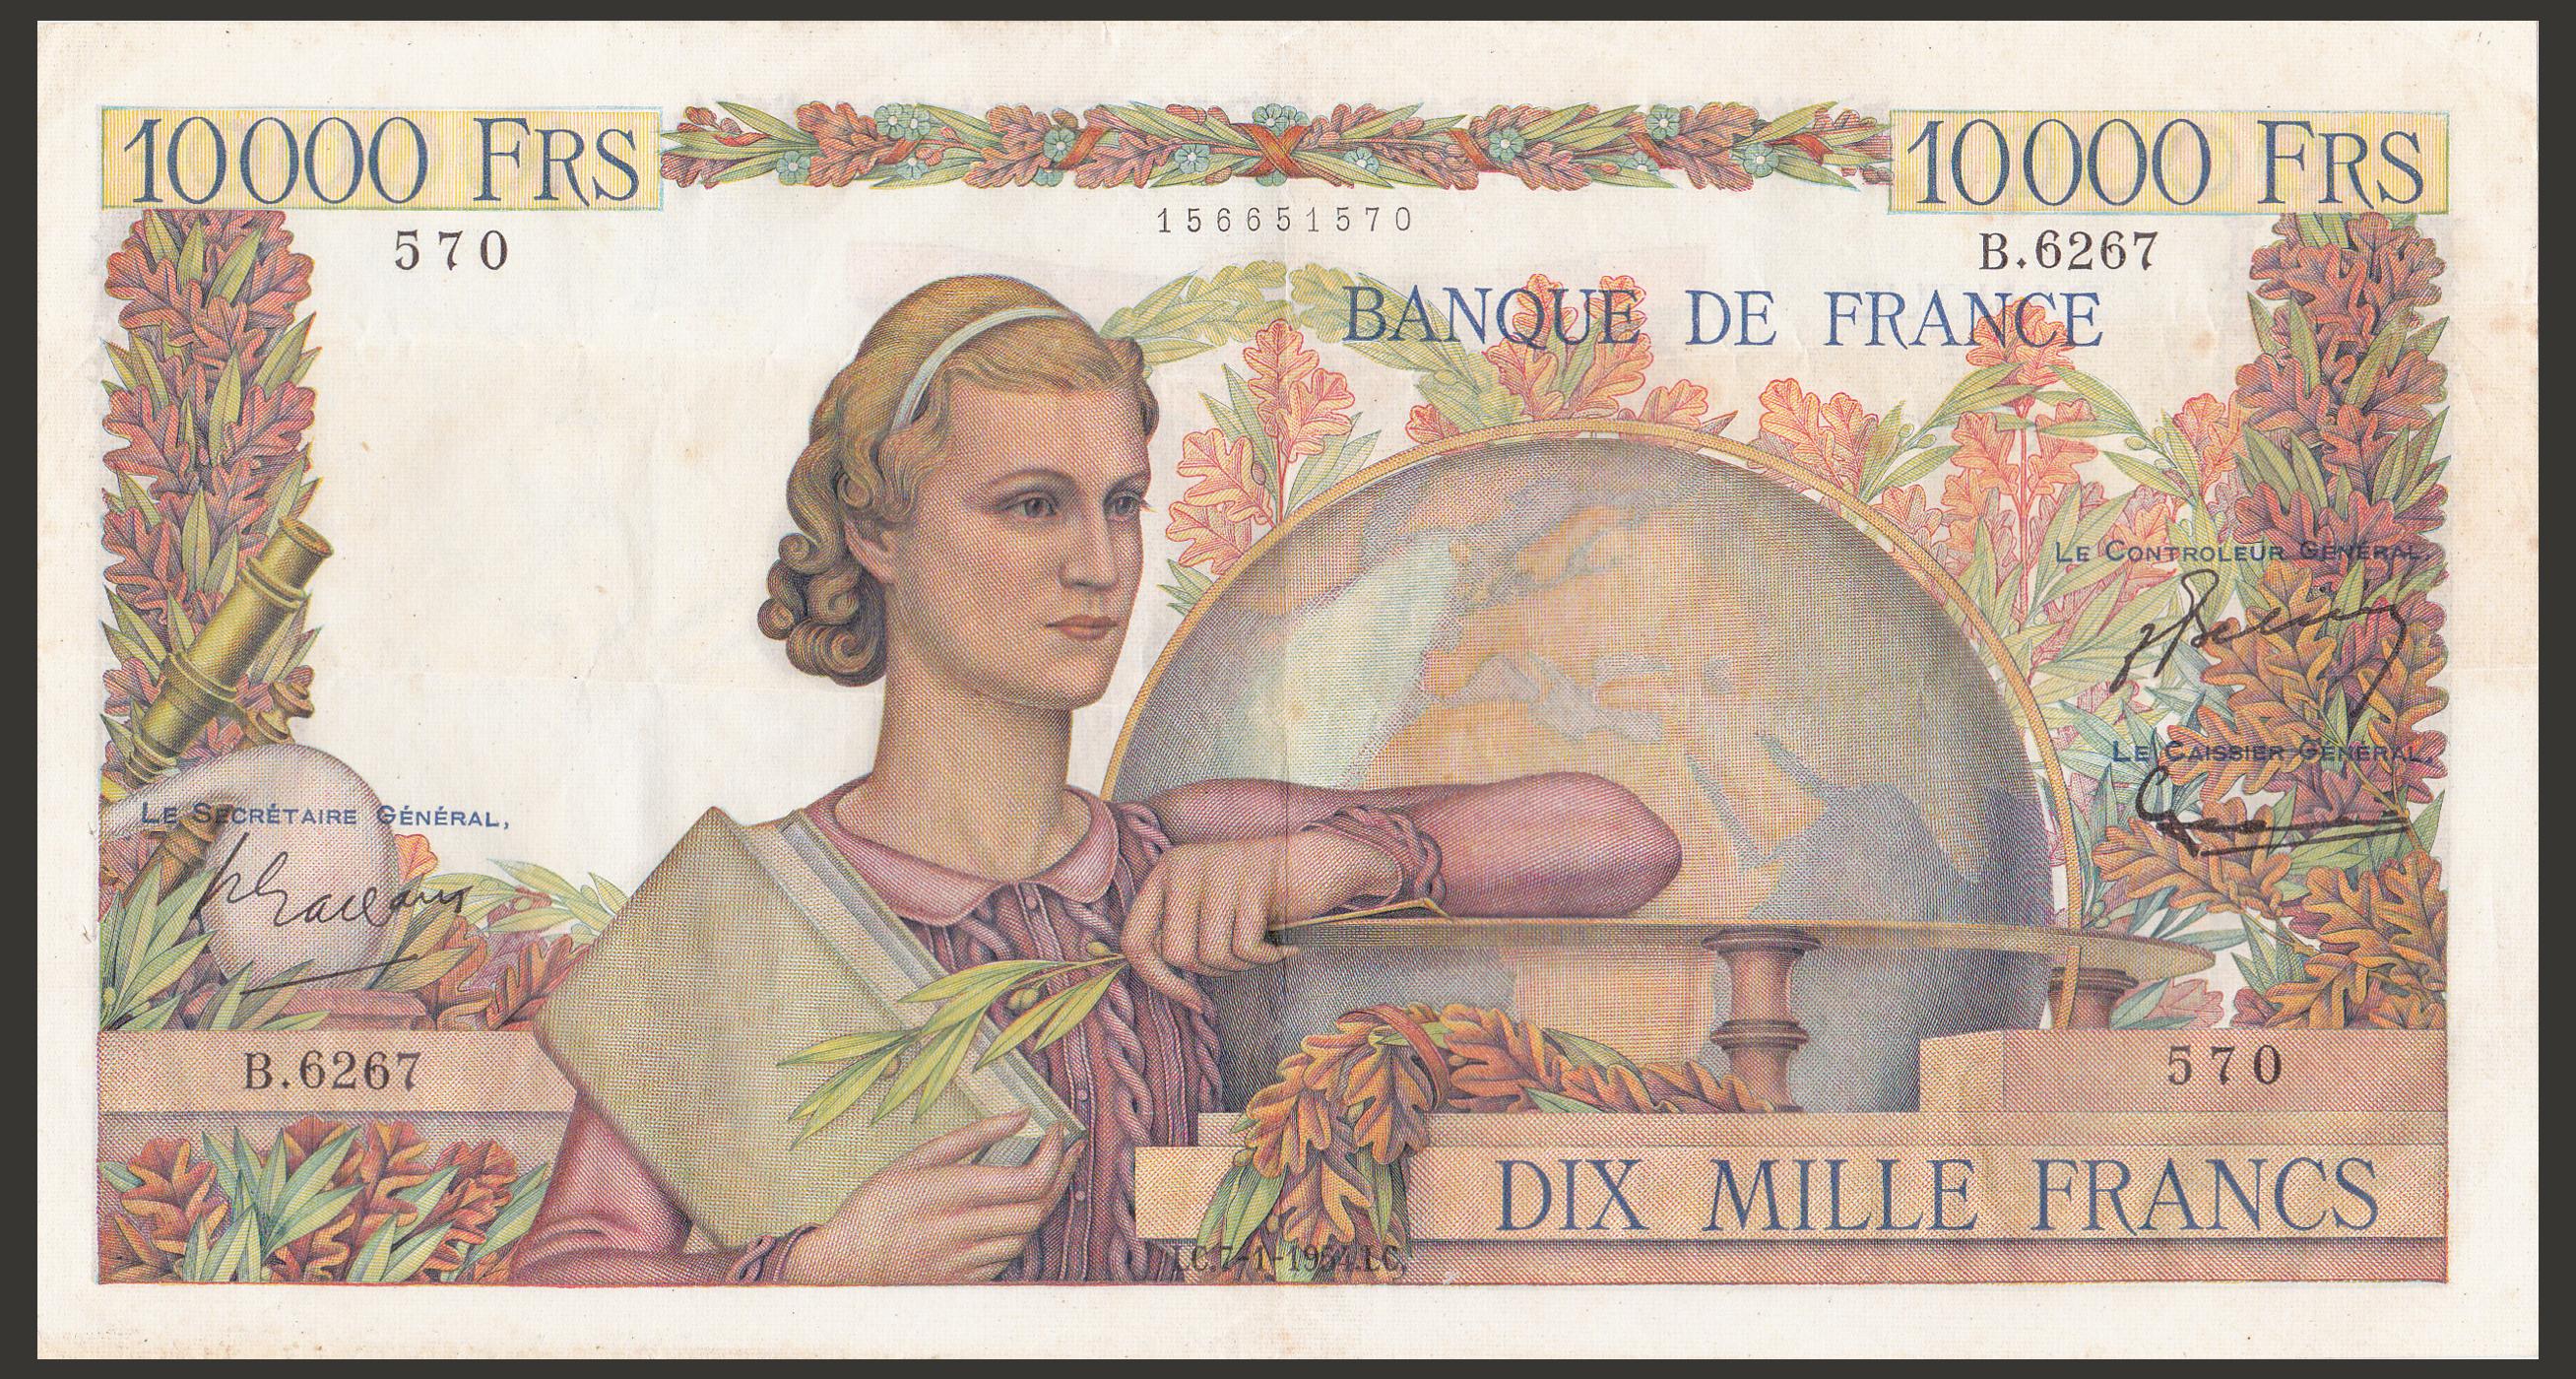 billet-france-10000-francs